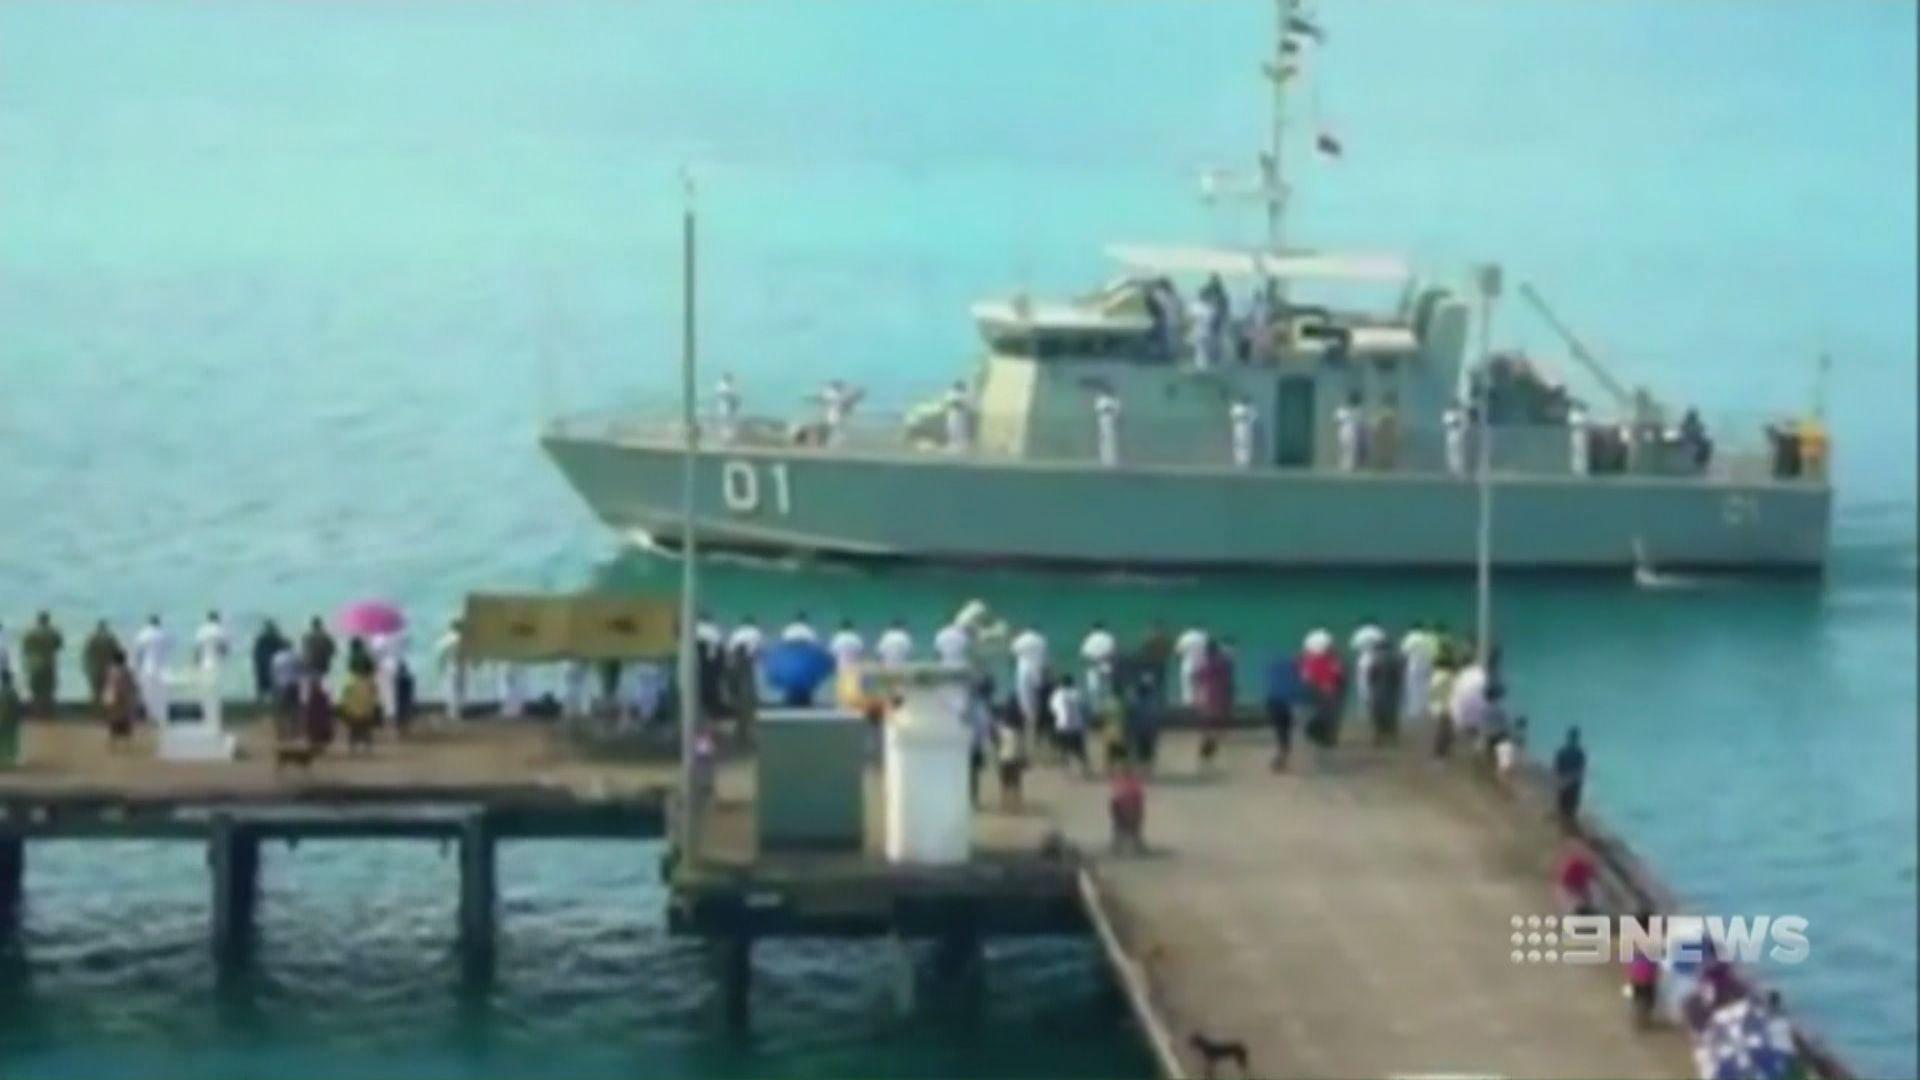 澳洲將助巴布亞新畿內亞建海軍基地